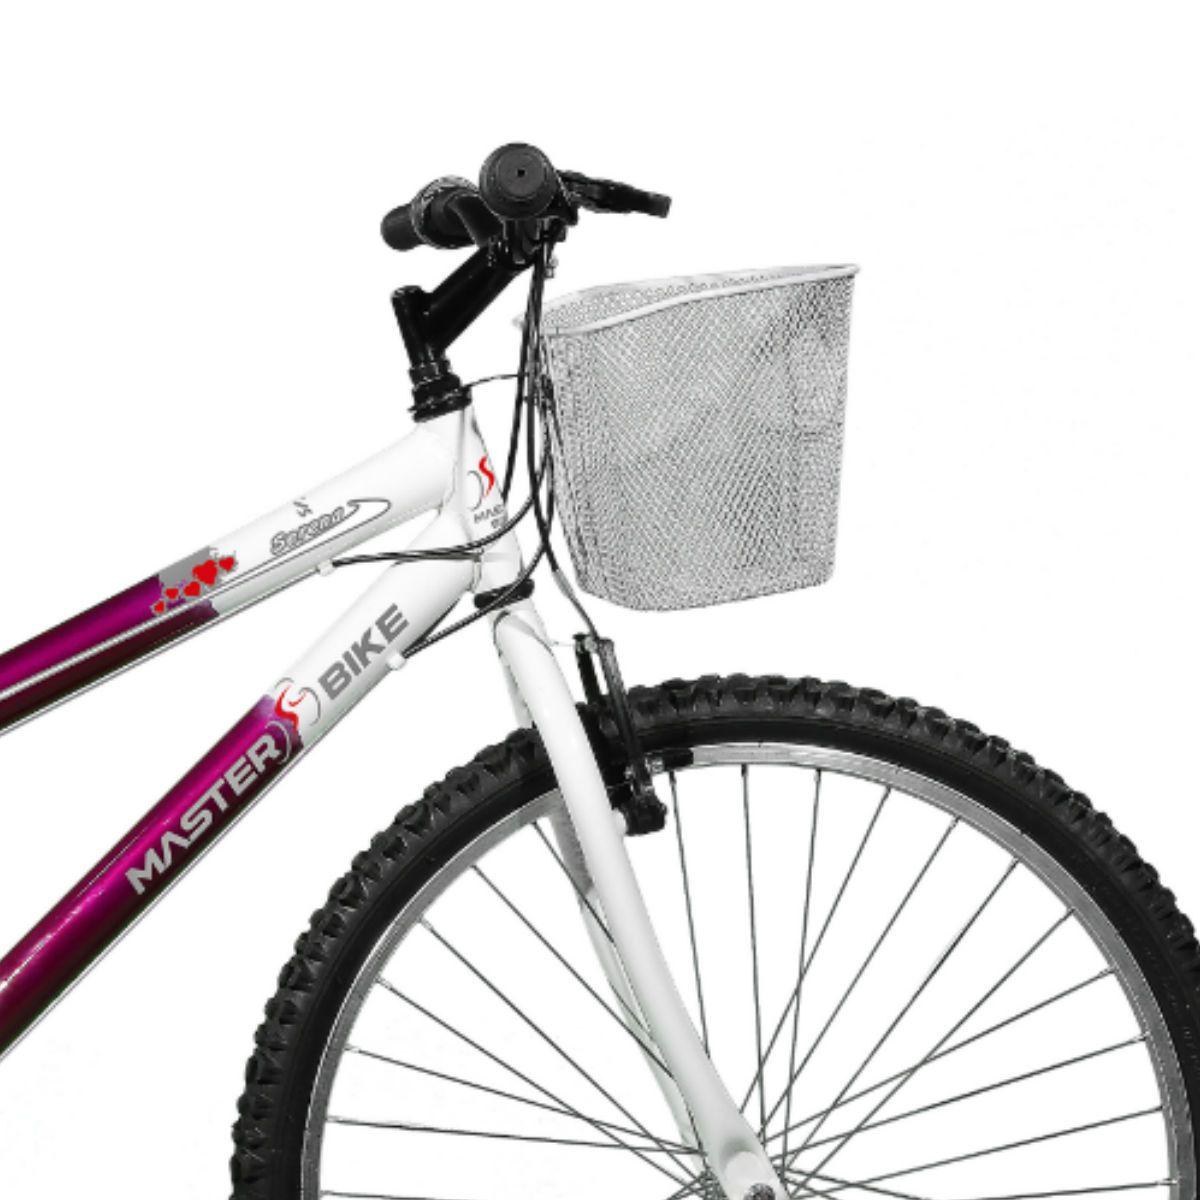 Bicicleta Master Bike Aro 26 Serena Plus 21 Marchas V-Brake Violeta/Branco